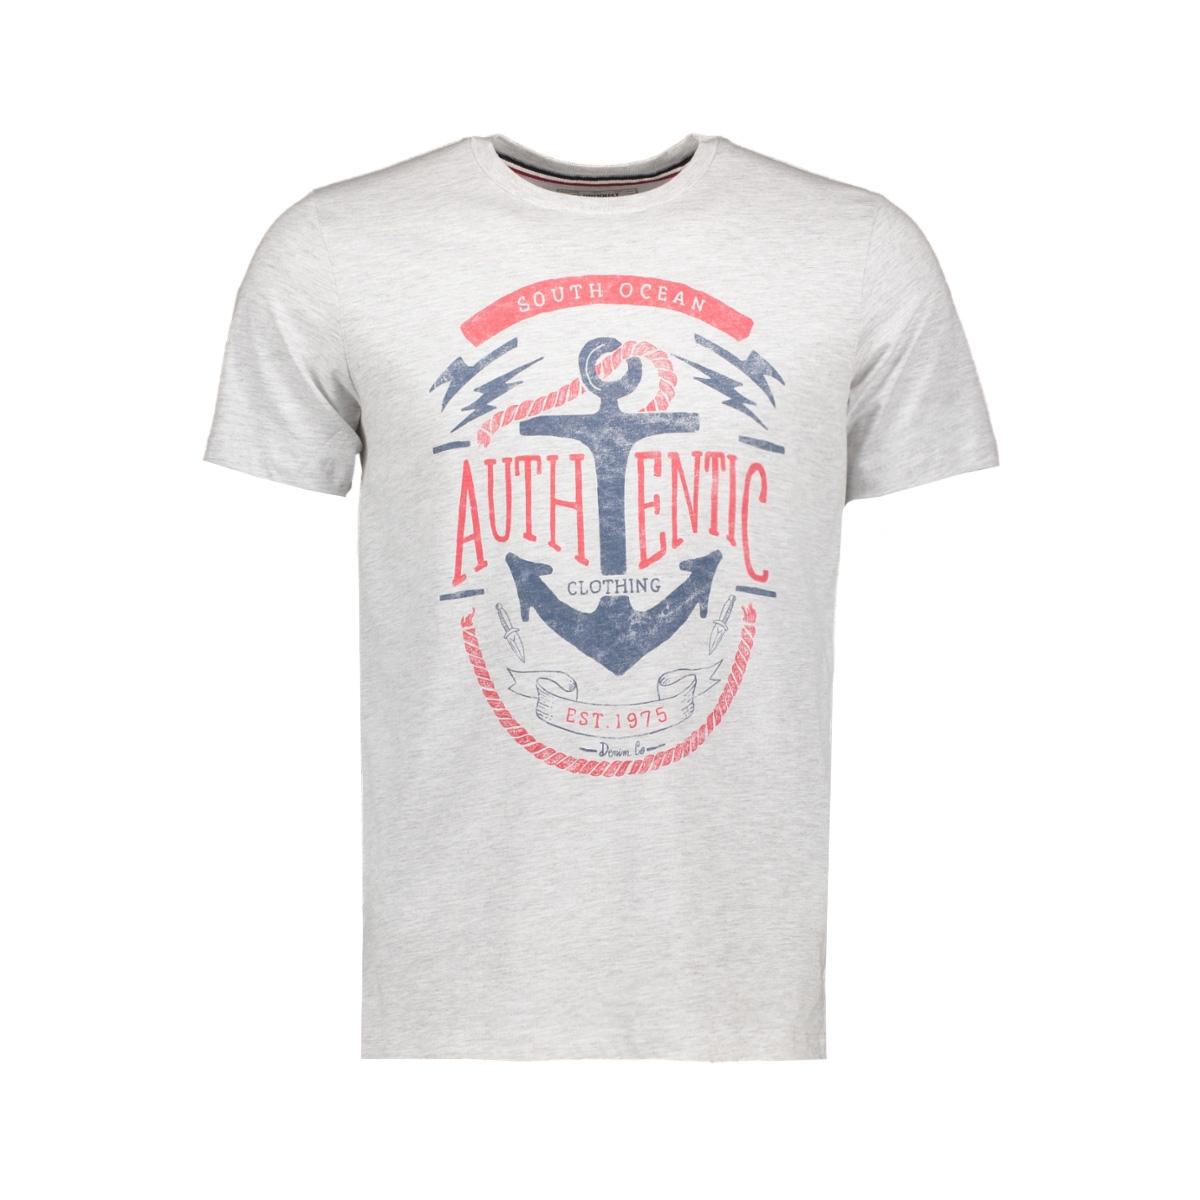 pktauk anchor tee ss 12148571 produkt t-shirt white melange